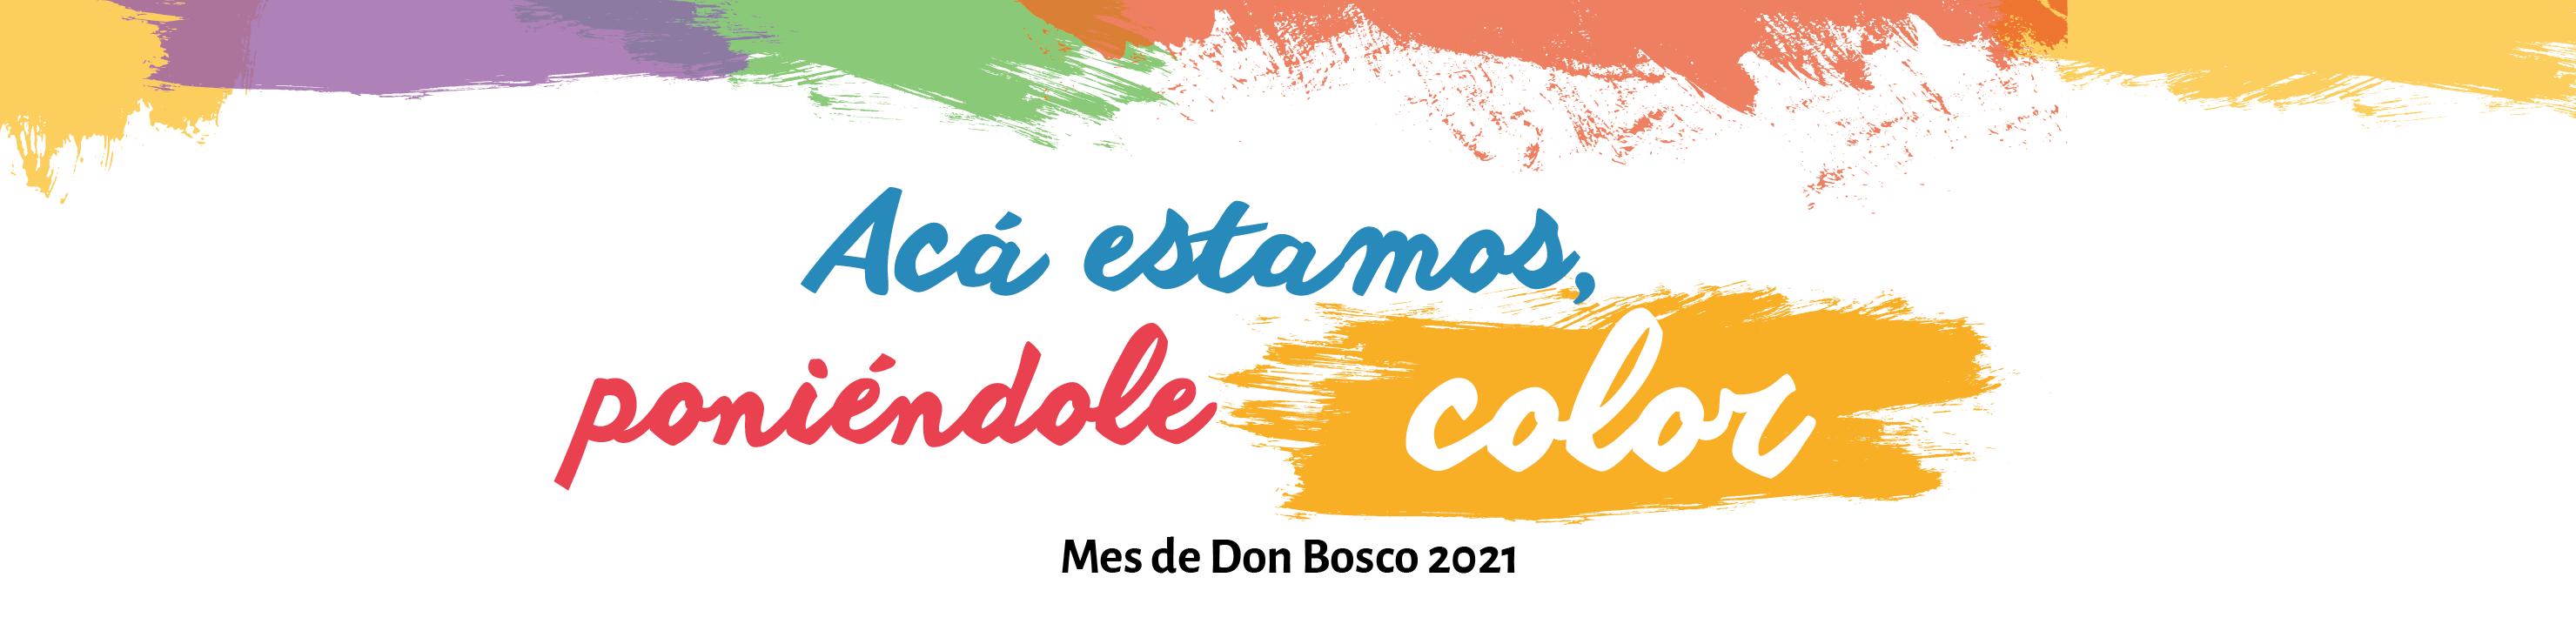 Acá estamos, poniéndole color - Mes de Don Bosco 2021